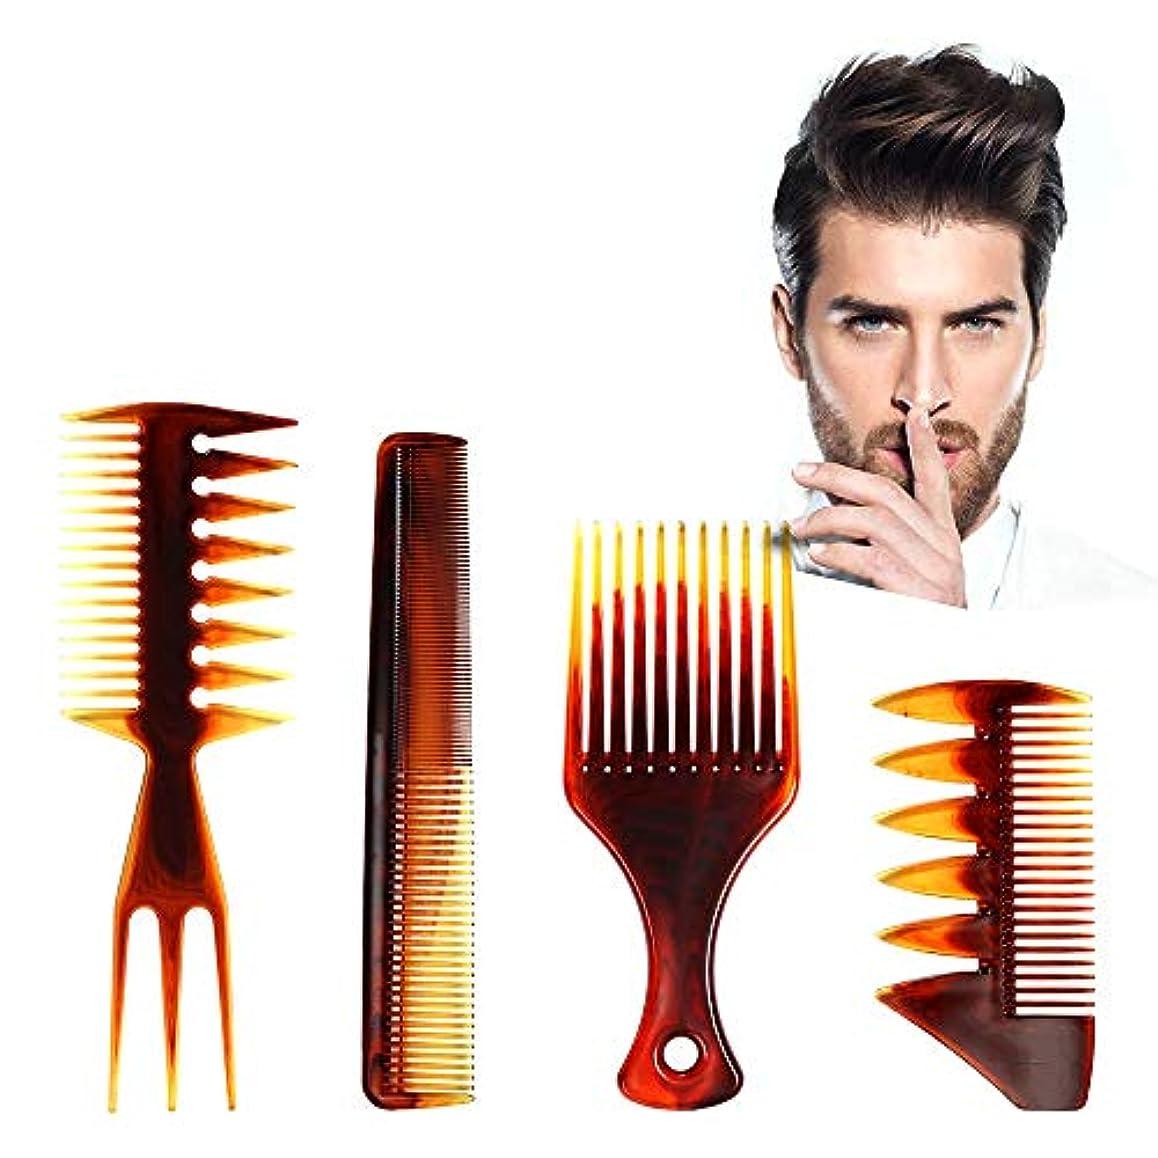 喪平手打ち土ヘアスタイリストプロのスタイリングコームセットバラエティパックすべての髪の種類とスタイルに最適男性用アンチスタティックヘアブラシ(4個)